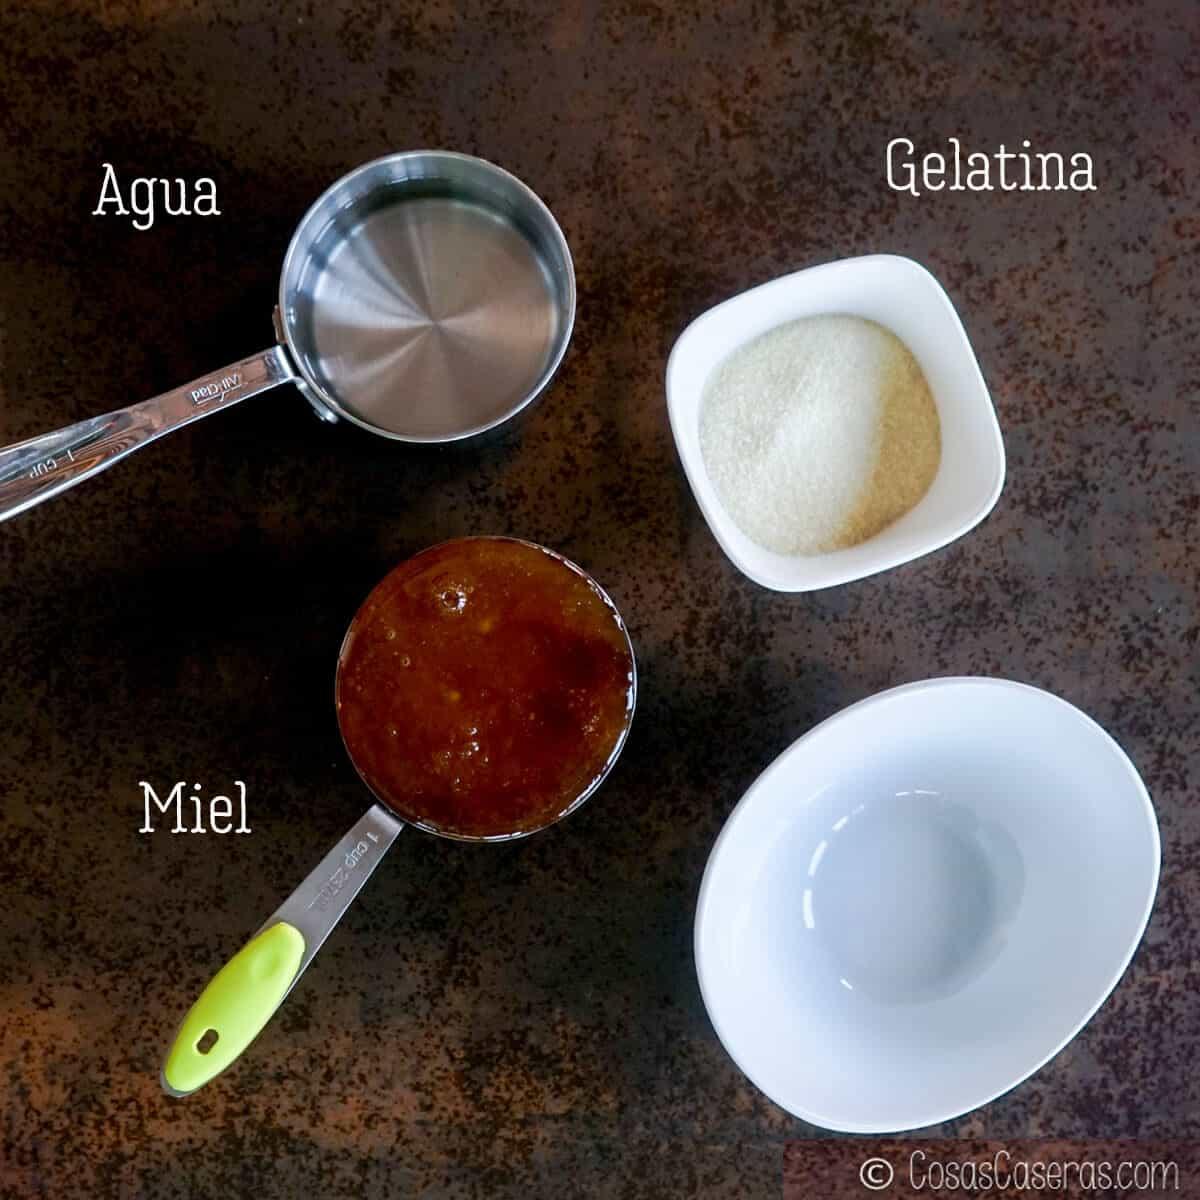 vista aérea de los ingredientes de masmelos caseros (miel, agua, y gelatina)